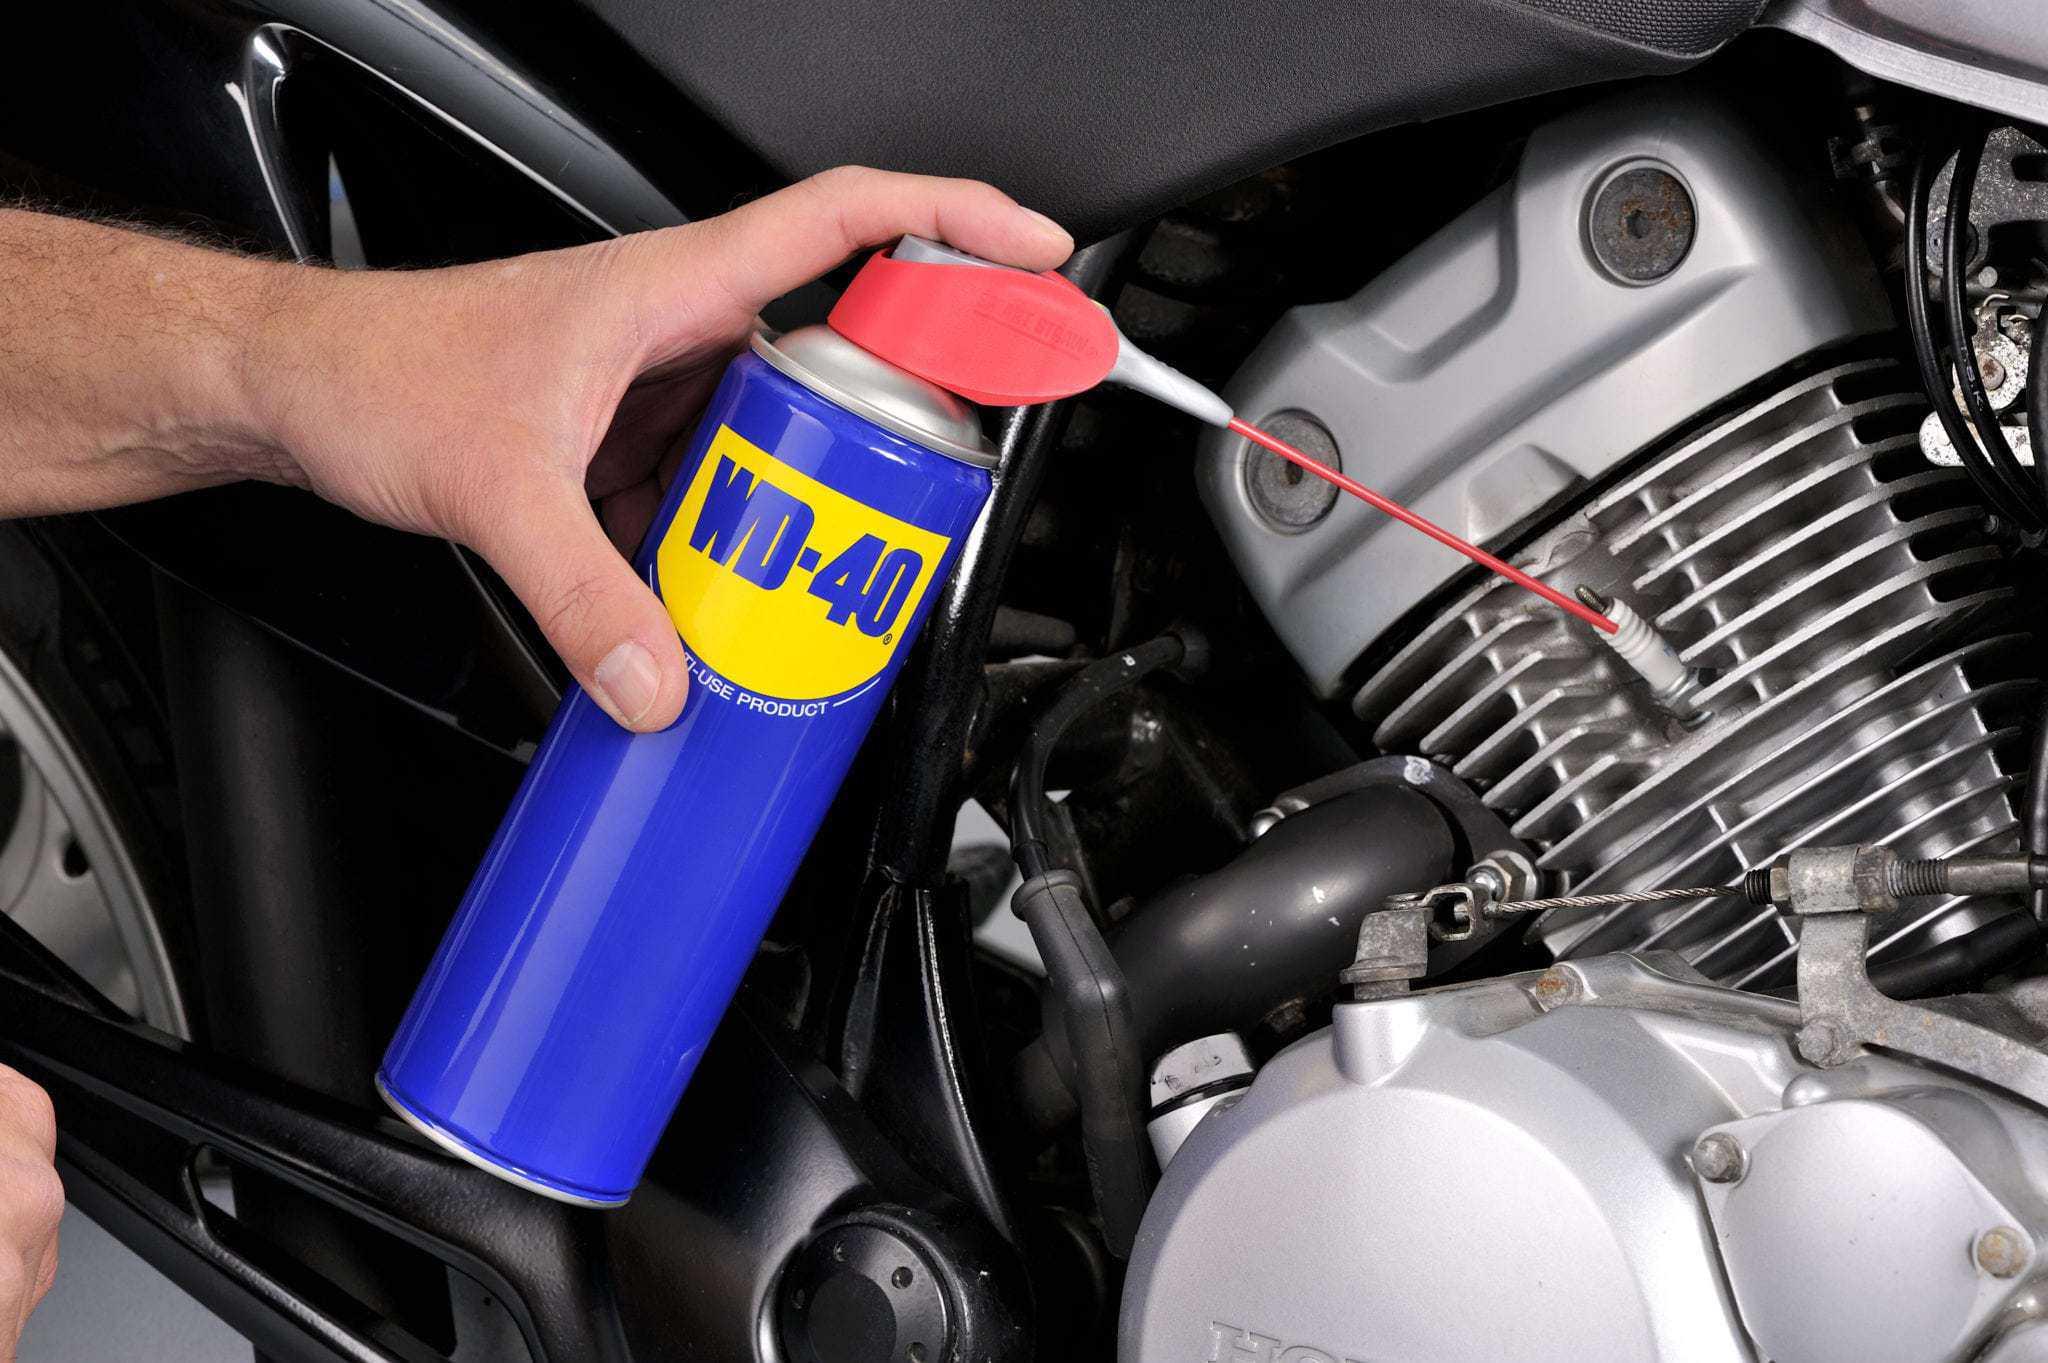 Reparar y limpiar un motor de moto